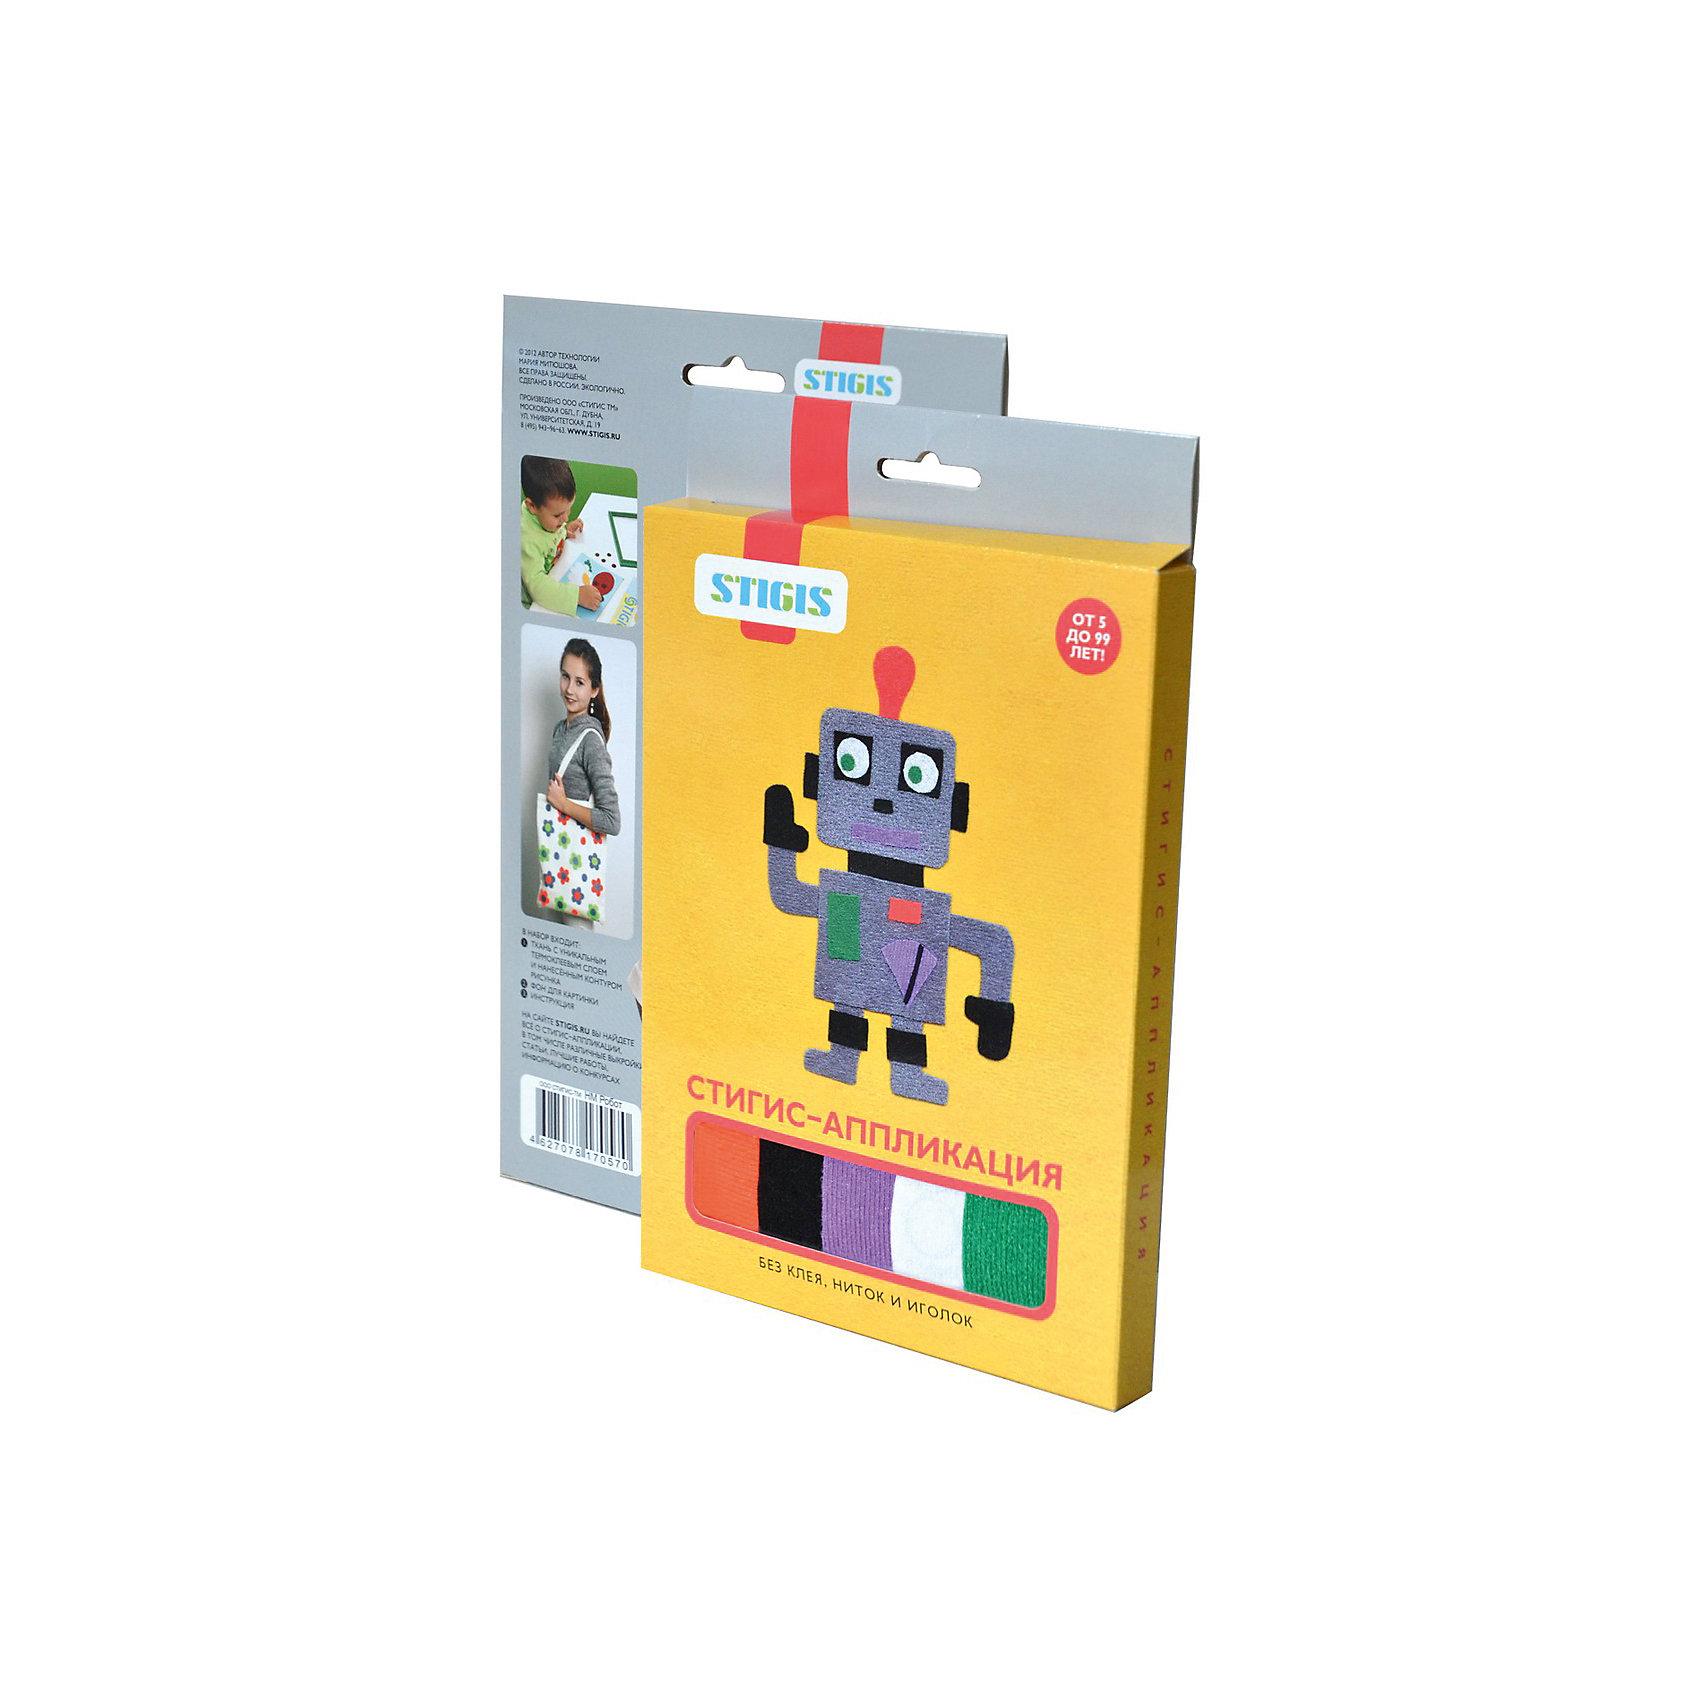 Стигис-аппликация картинка РоботСтигис-аппликация Робот - отличный набор для детского творчества. Для создания яркой и необычной картины нужно вырезать детали из ткани с термоклеящимся слоем, выложить их на основу и прогладить с помощью утюга. Робот готов! Поделкой ребенок с удовольствием похвастается перед друзьями или оставит в подарок. Замечательный выбор для развития творческих навыков!<br><br>Дополнительная информация:<br>В комплекте: основа, ткань с контурами деталей, инструкция<br>Размер: 1,5х23х15 см<br>Вес: 54 грамма<br>Вы можете приобрести стигис-аппликацию Робот в нашем интернет-магазине.<br><br>Ширина мм: 150<br>Глубина мм: 230<br>Высота мм: 15<br>Вес г: 54<br>Возраст от месяцев: 60<br>Возраст до месяцев: 2147483647<br>Пол: Унисекс<br>Возраст: Детский<br>SKU: 4939440